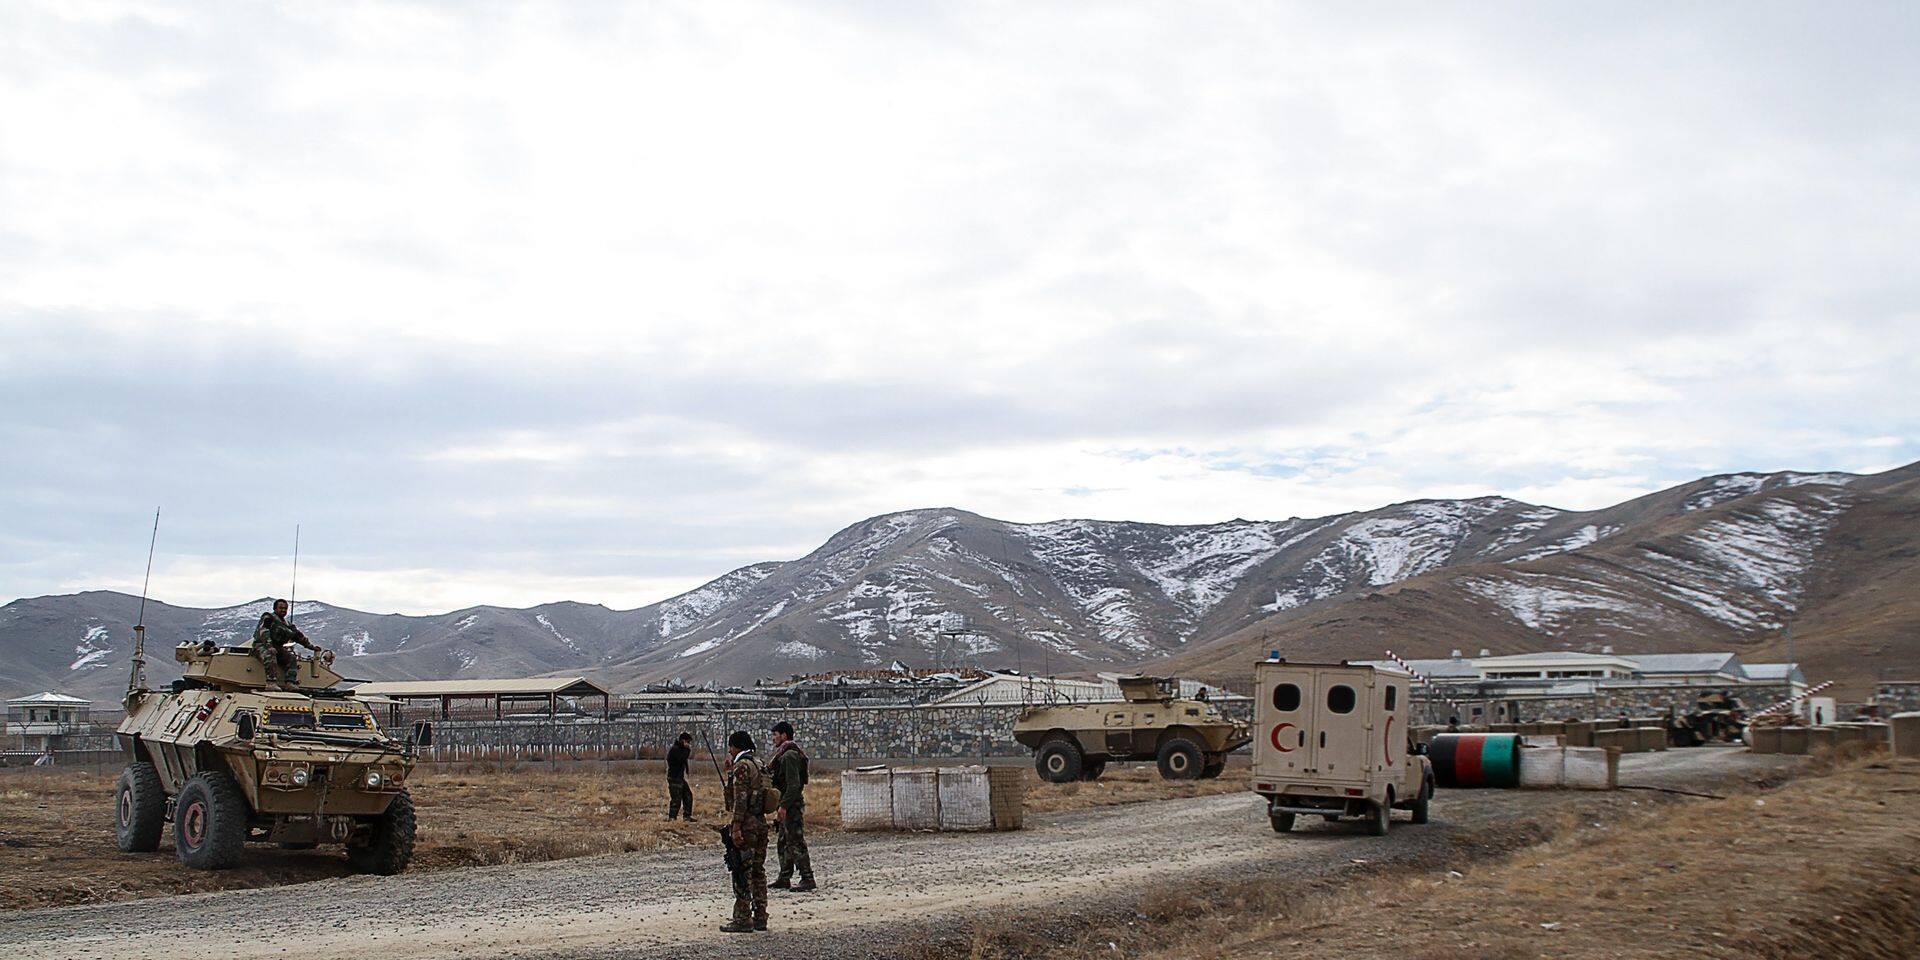 Un attentat fait 33 blessés dans le sud de l'Afghanistan